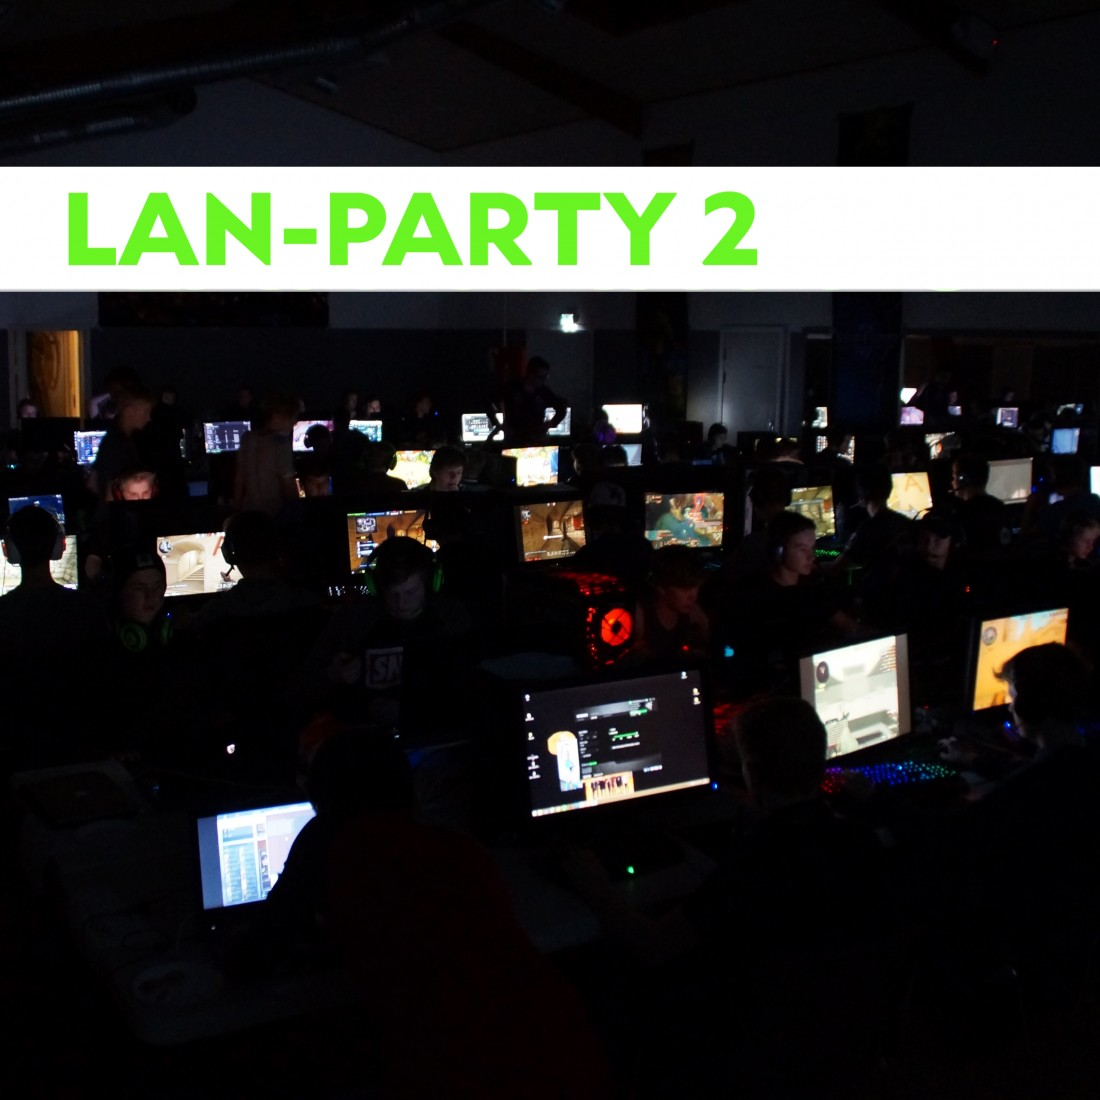 LAN-PARTY2